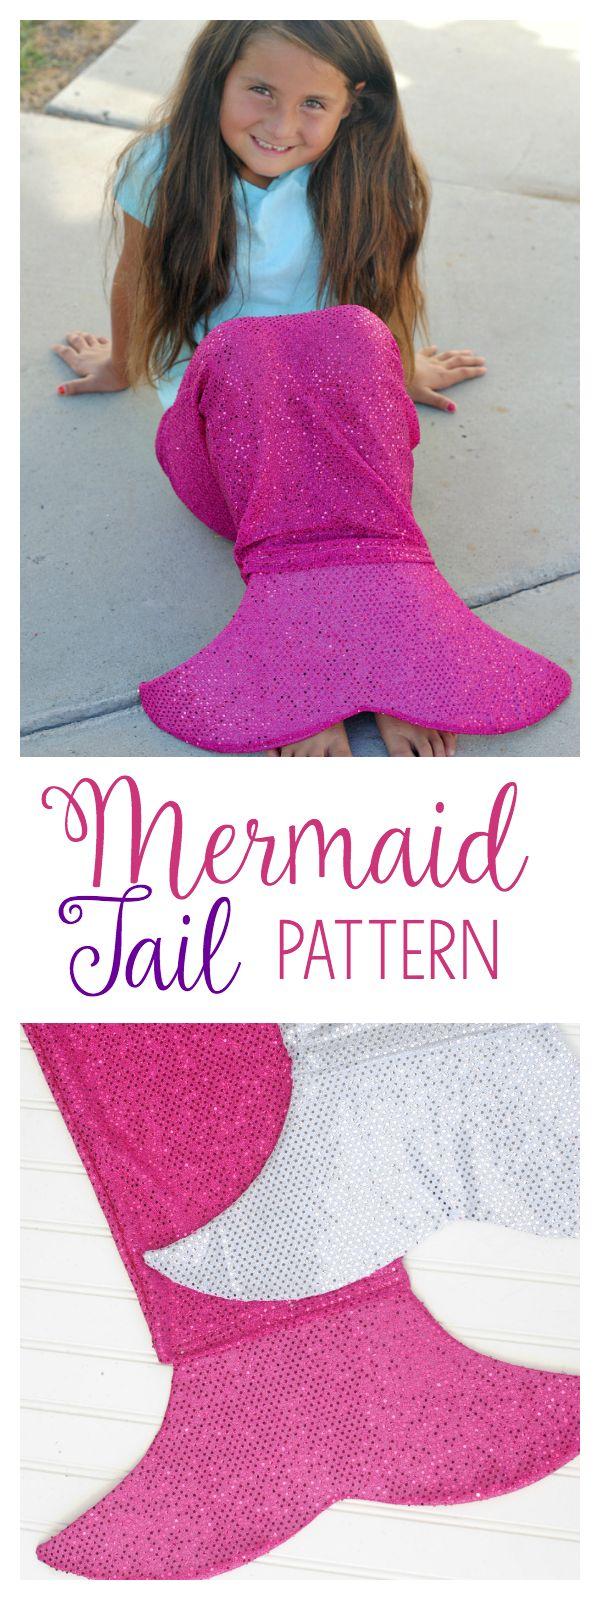 Mermaid Tail Tutorial                                                                                                                                                                                 Más